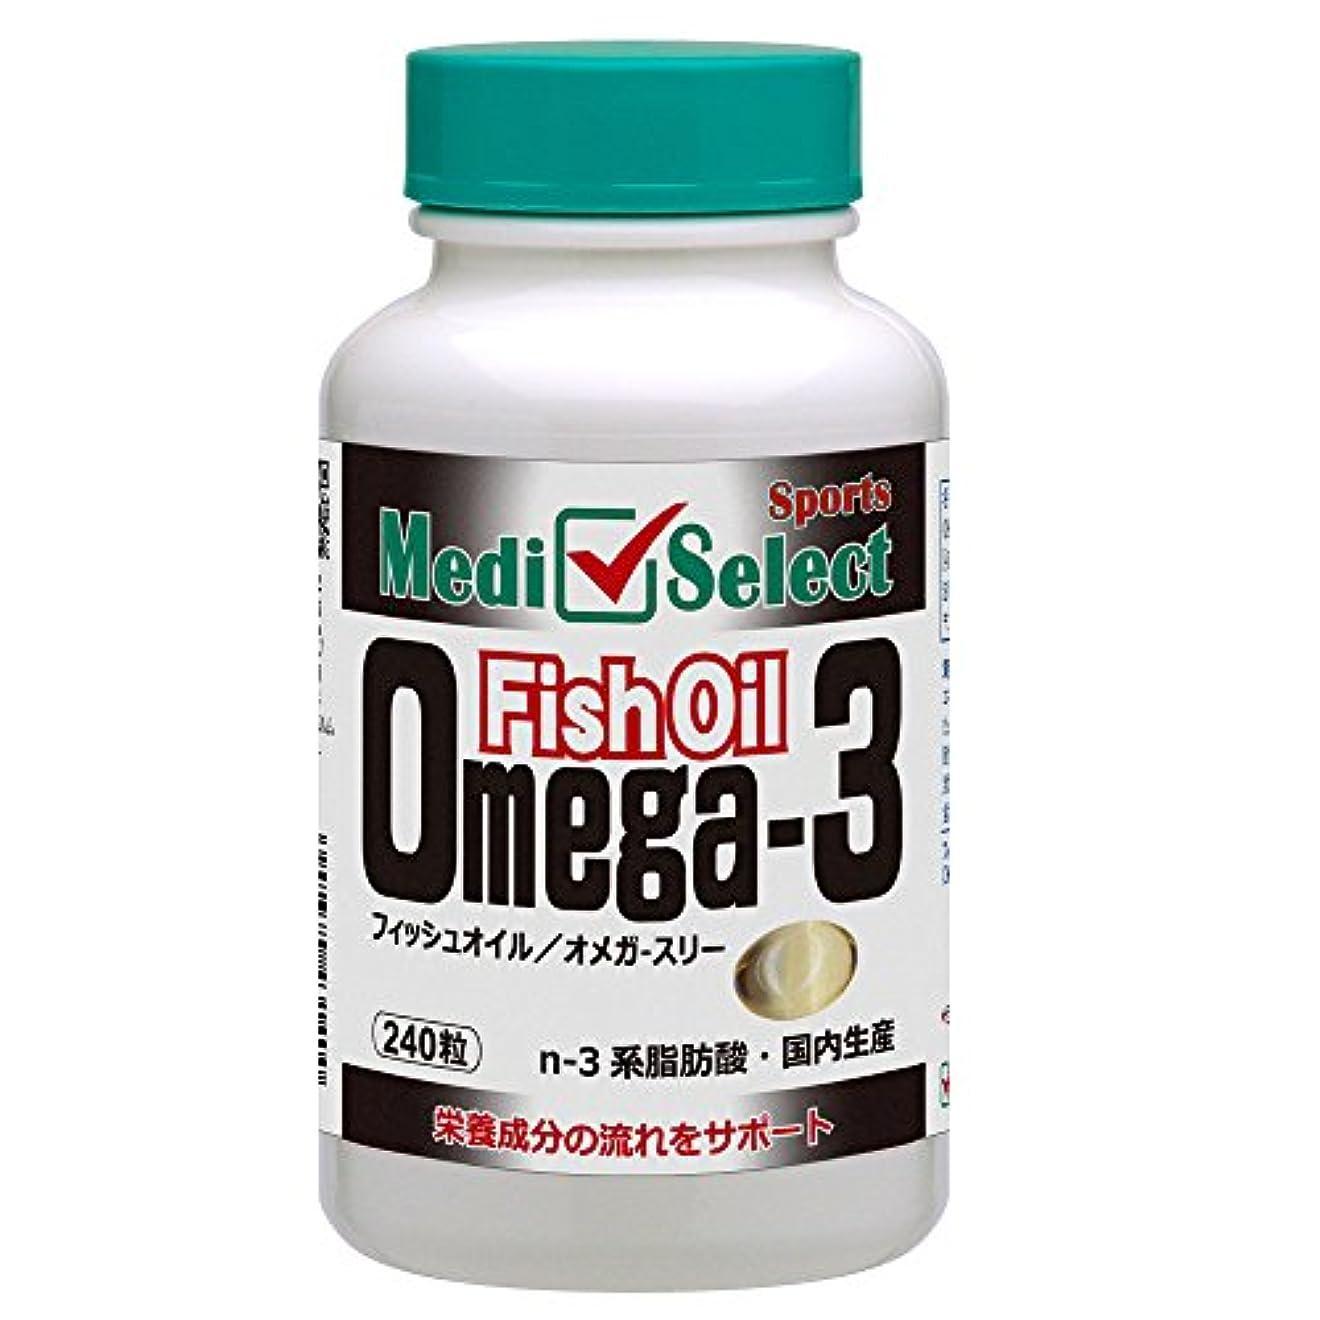 ビルダーヘルメット北米メディセレクト スポーツ フィッシュオイル Omega-3(オメガ-スリー) 240粒